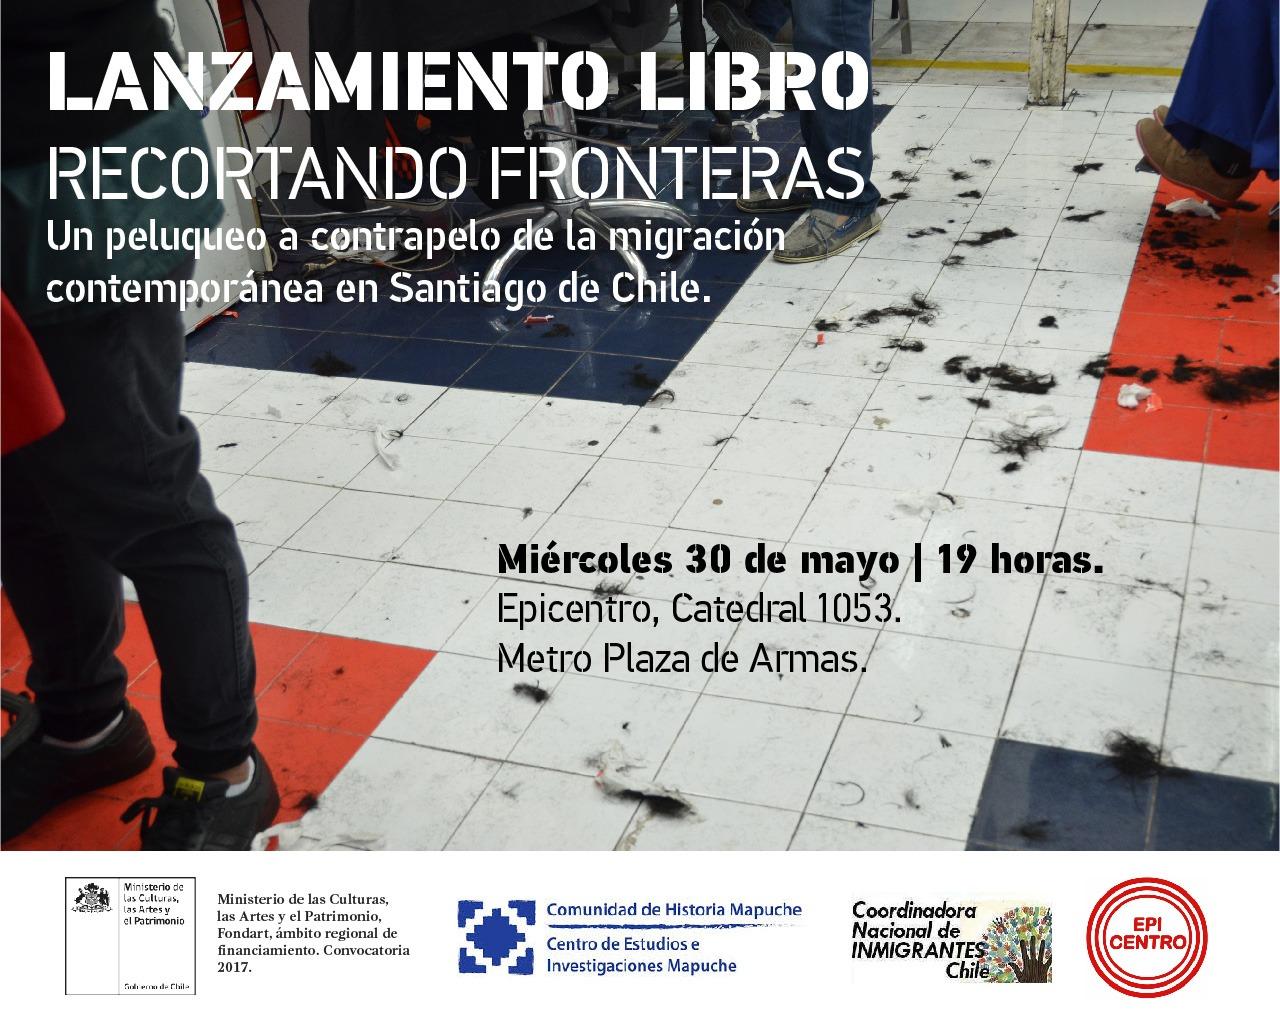 LANZAN LIBRO TESTIMONIAL SOBRE LA MIGRACIÓN EN SANTIAGO DESDE LOS RELATOS DE BARBEROS DOMINICANOS Y COLOMBIANOS